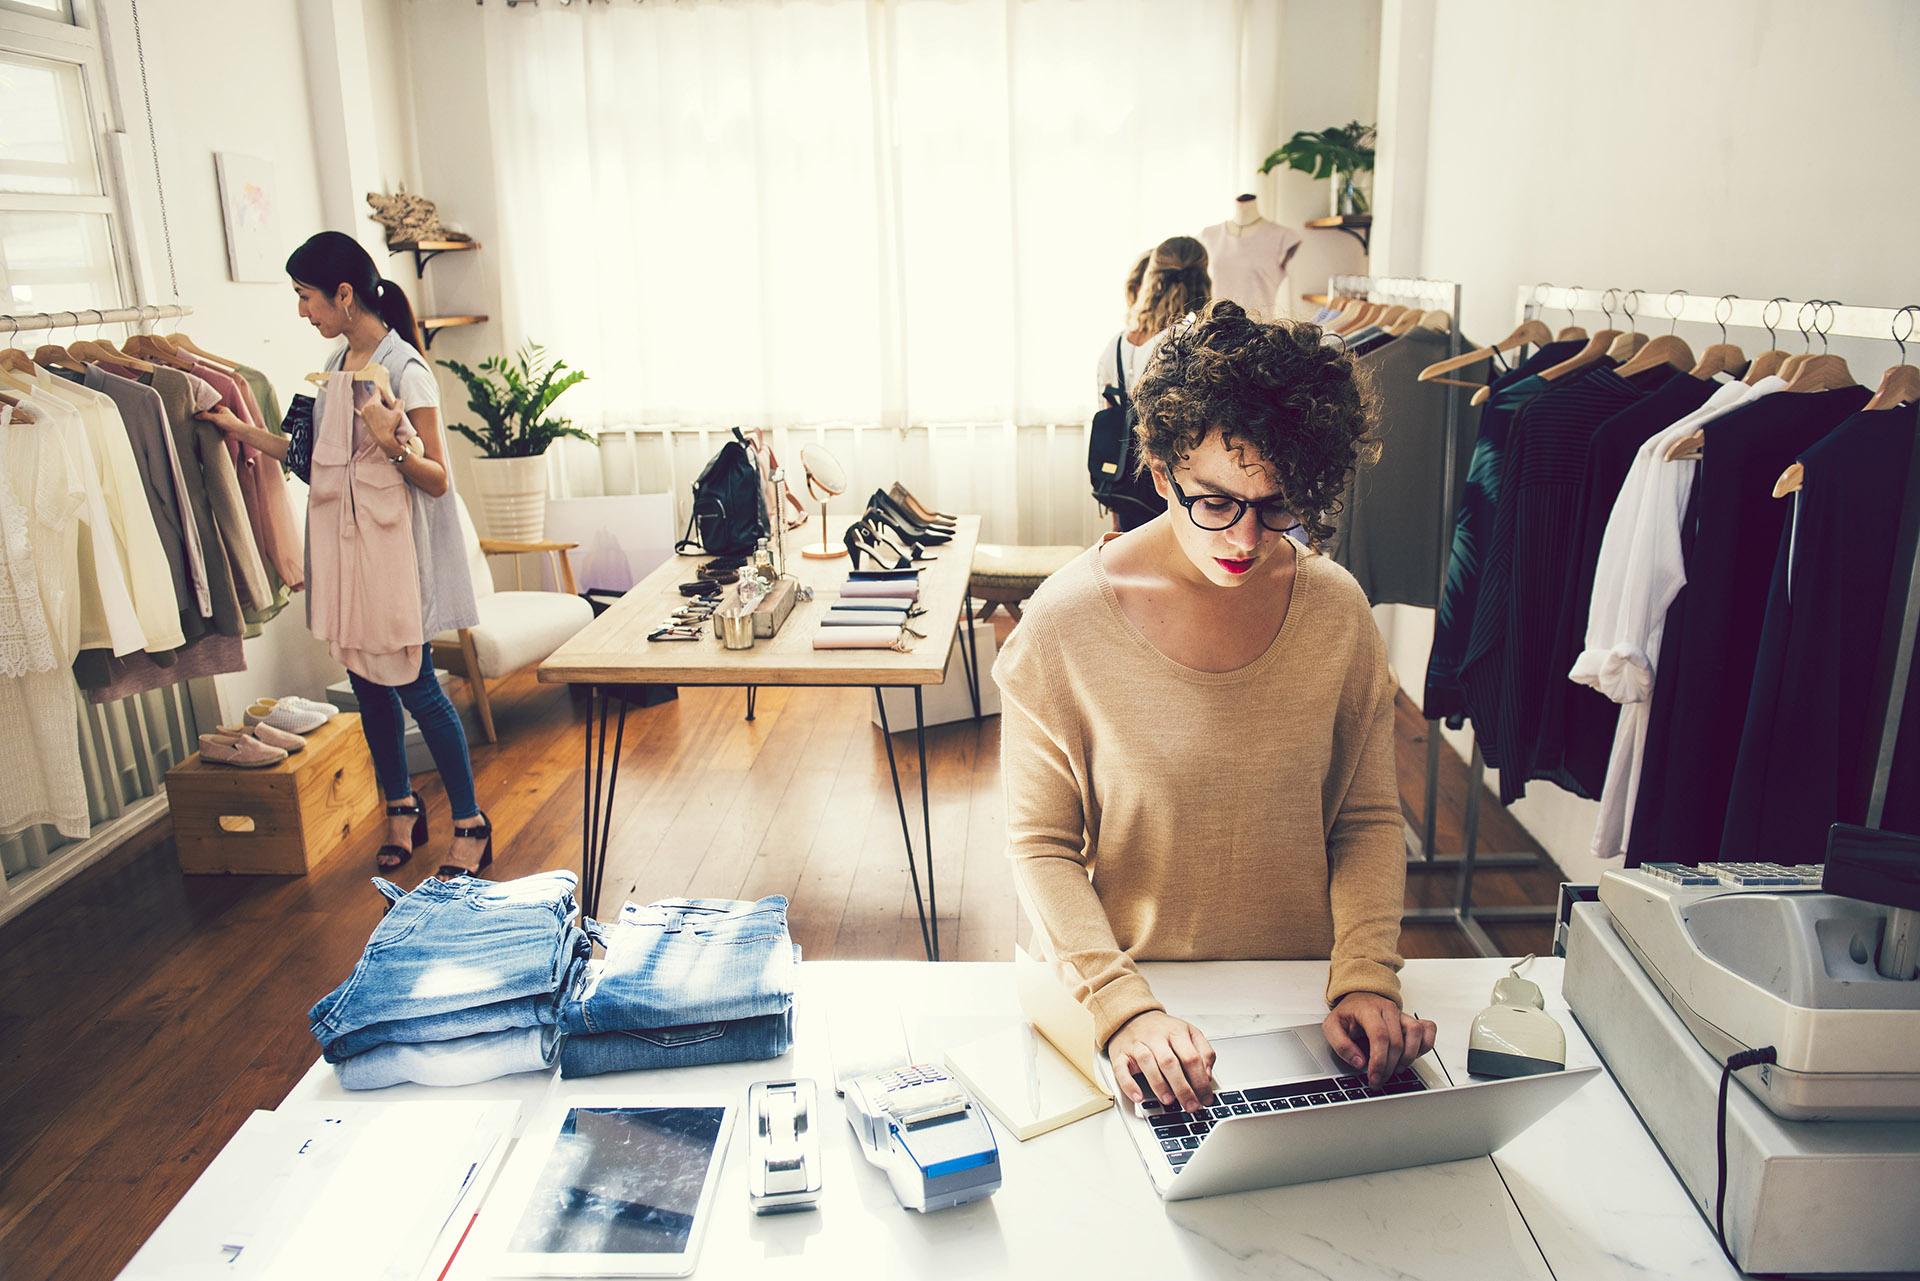 jak założyć sklep odzieżowy internetowy